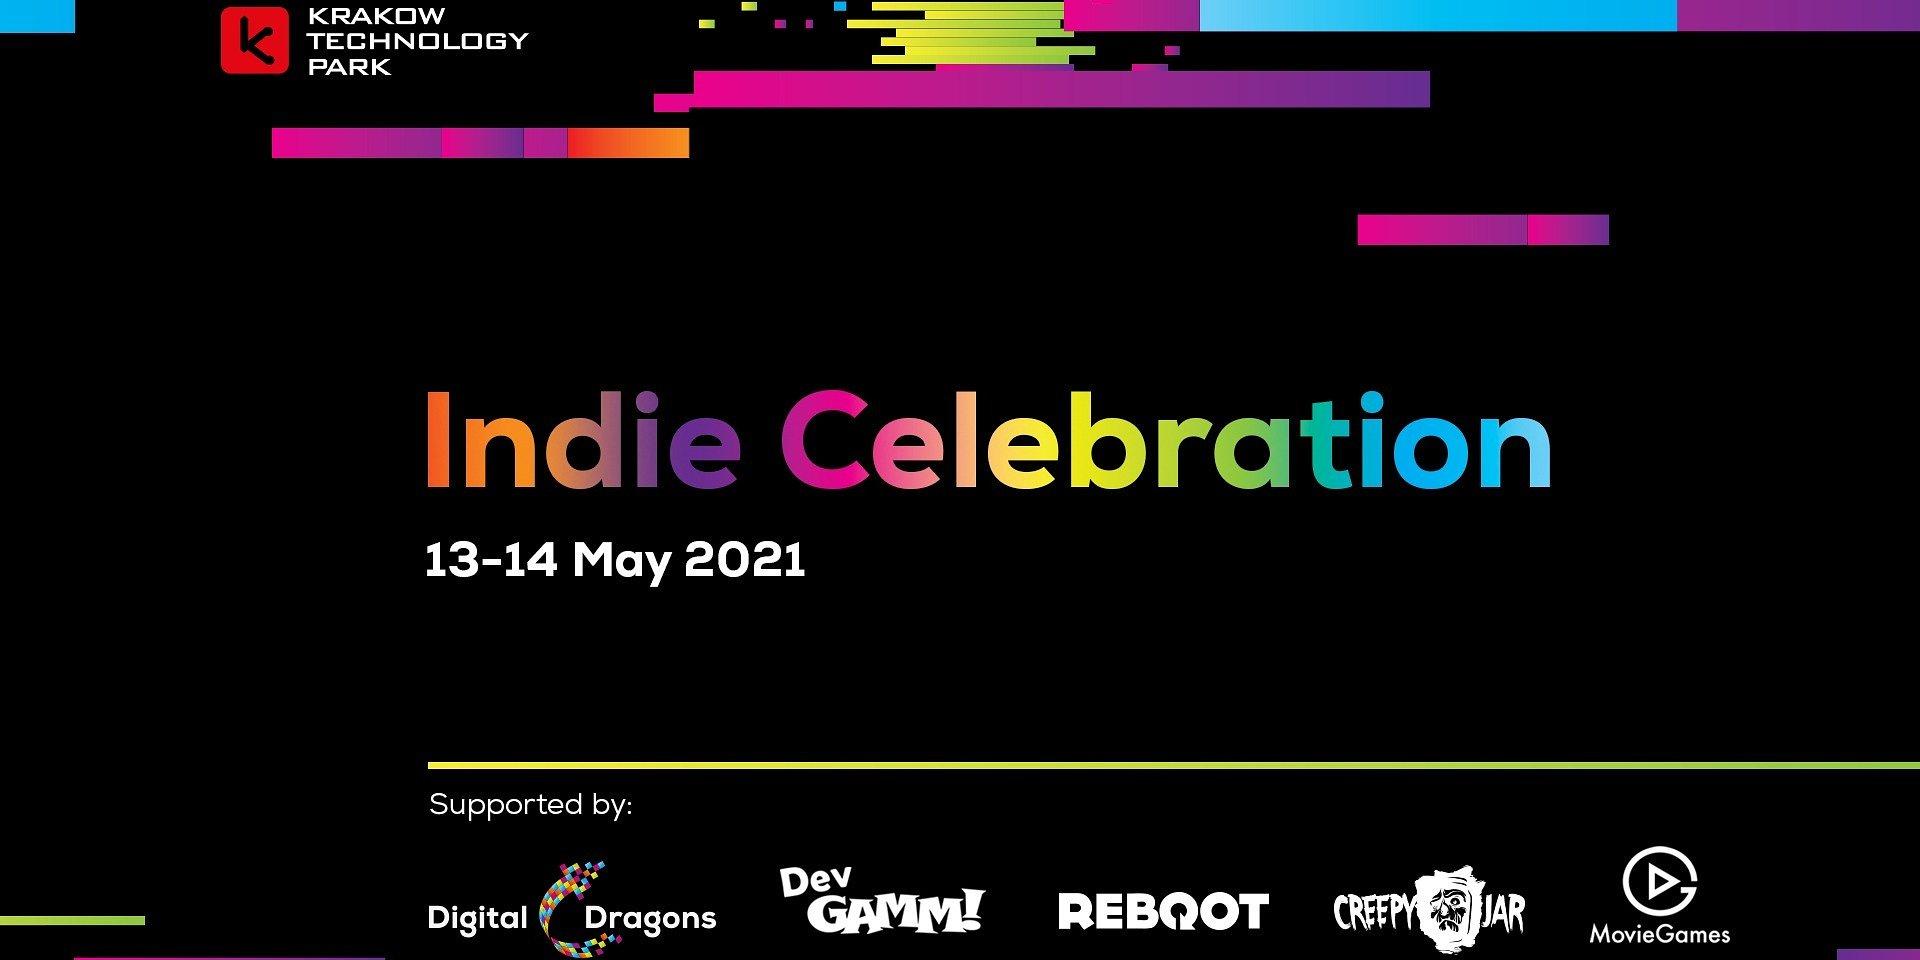 Znamy finalistów Indie Celebration – internetowego festiwalu gier indie organizowanego przez Digital Dragons!